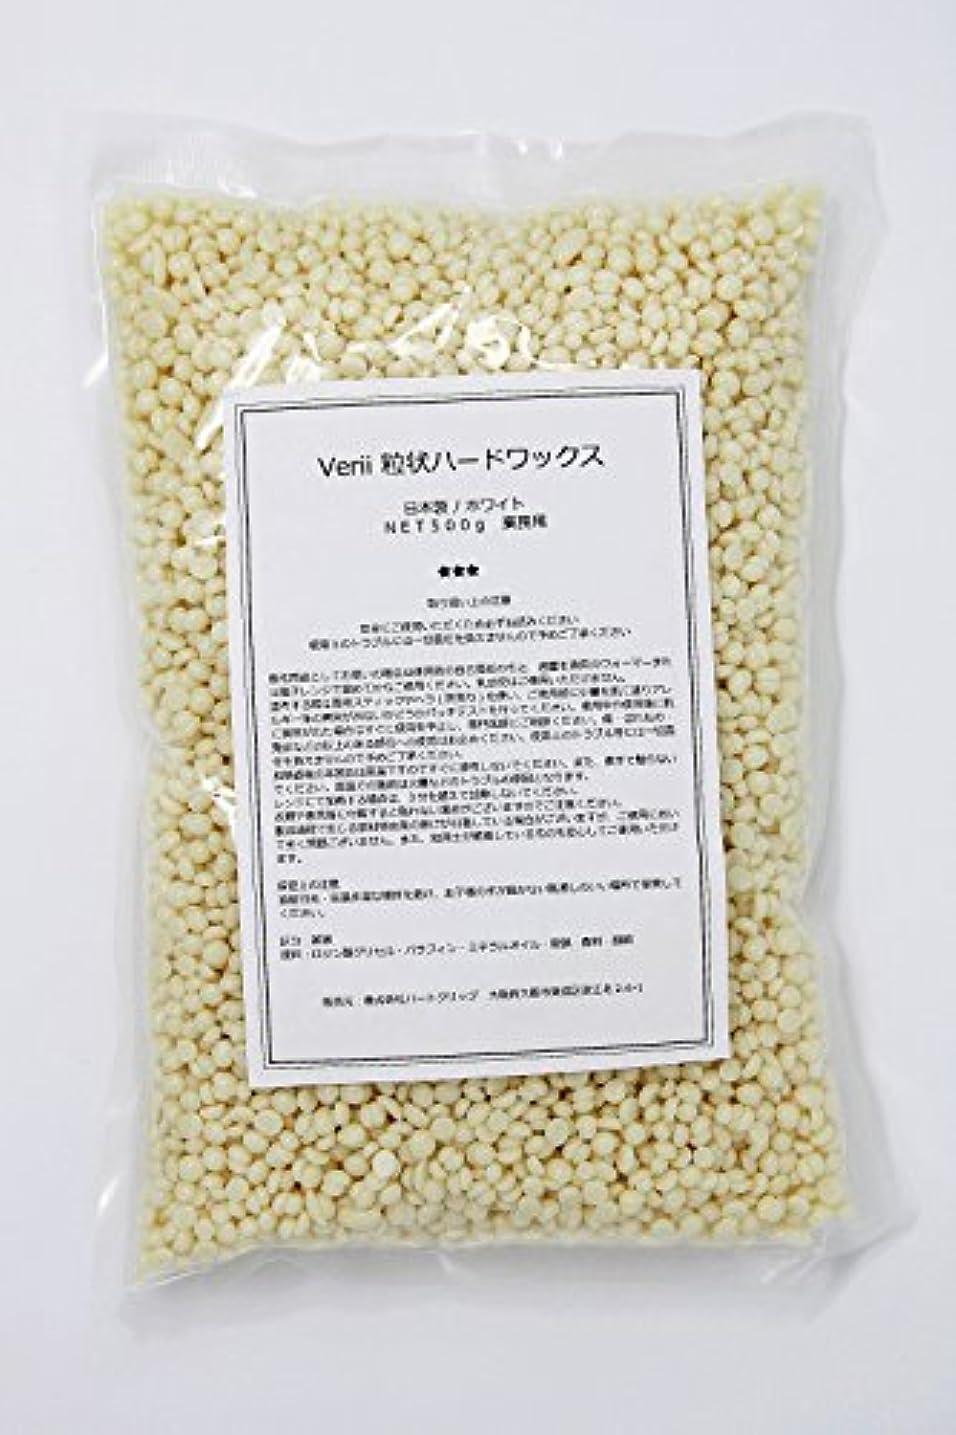 実質的に固有の形Verii 【鼻毛ワックス】粒状ハードワックス ホワイト (1Kg)